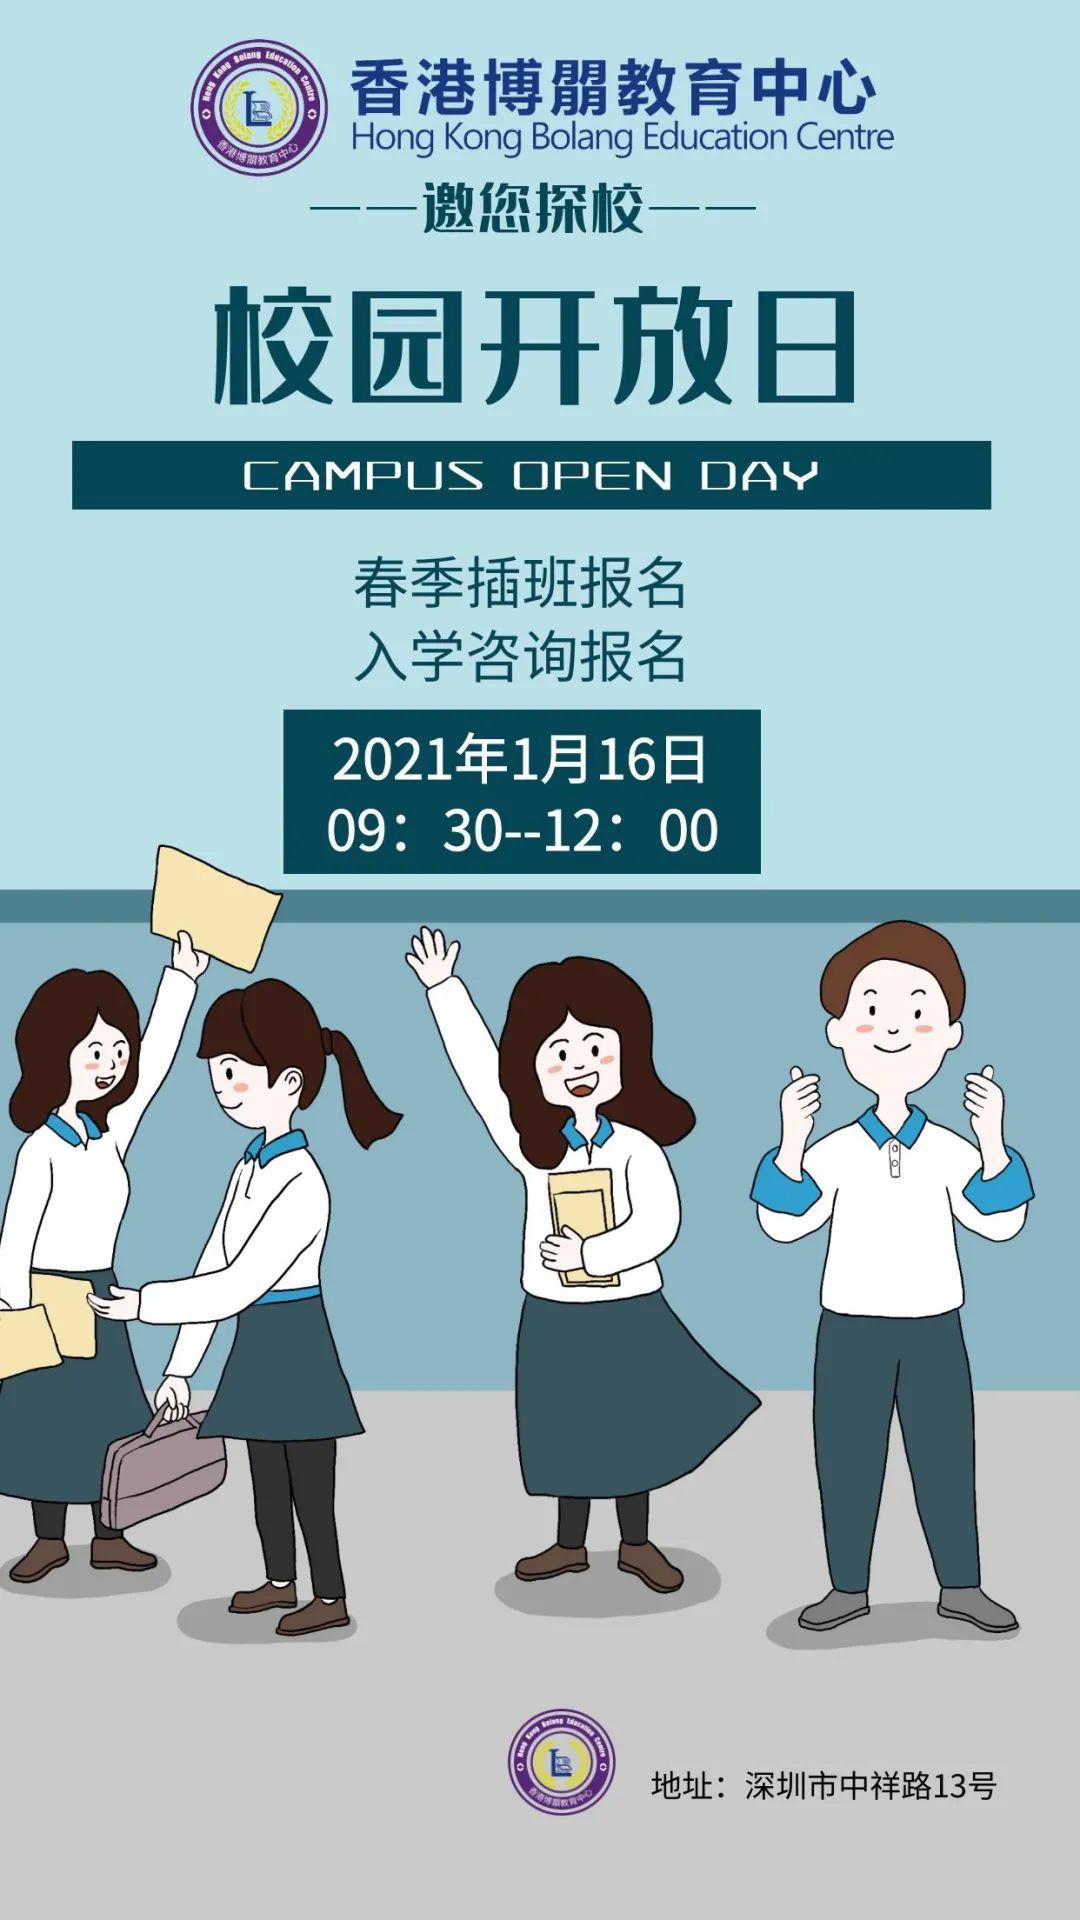 博朤DSE香港班丨1月16日本周六上午9:30校园开放日